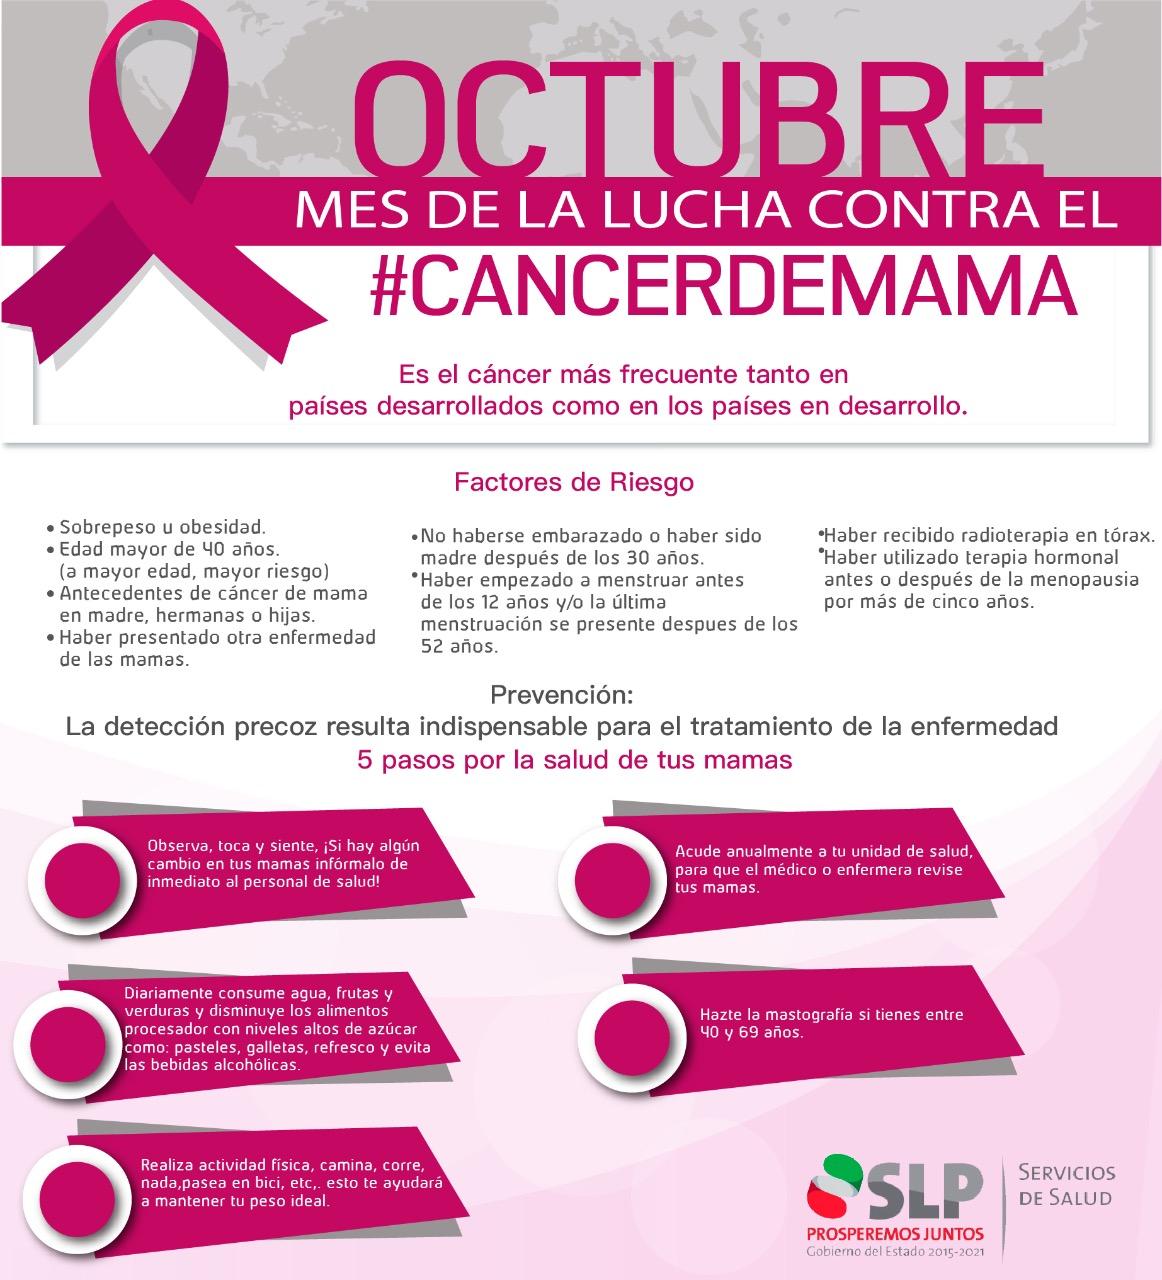 CÁNCER DE MAMA, TRES DE CADA 10 CASOS SE DETECTAN TARDÍAMENTE: SECRETARÍA DE SALUD.